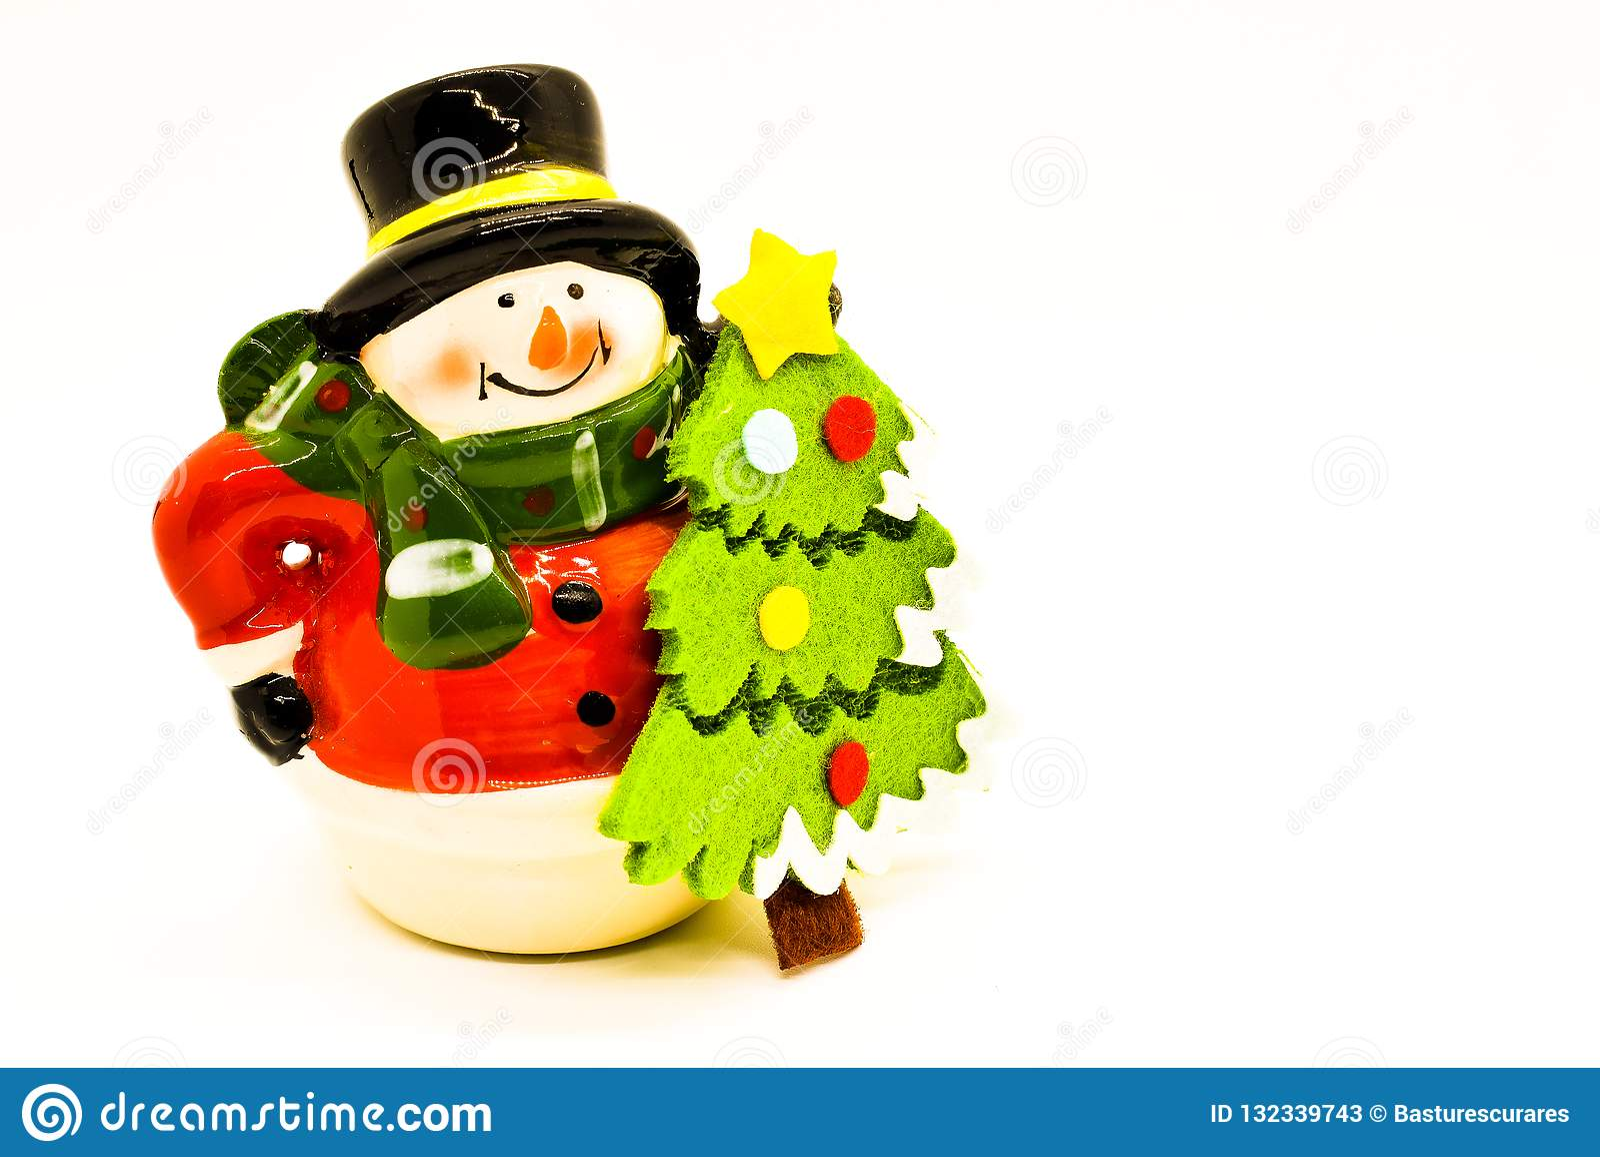 Handgjord snögubbestatyett som isoleras på vit bakgrund julen dekorerar nya home idéer för garnering till